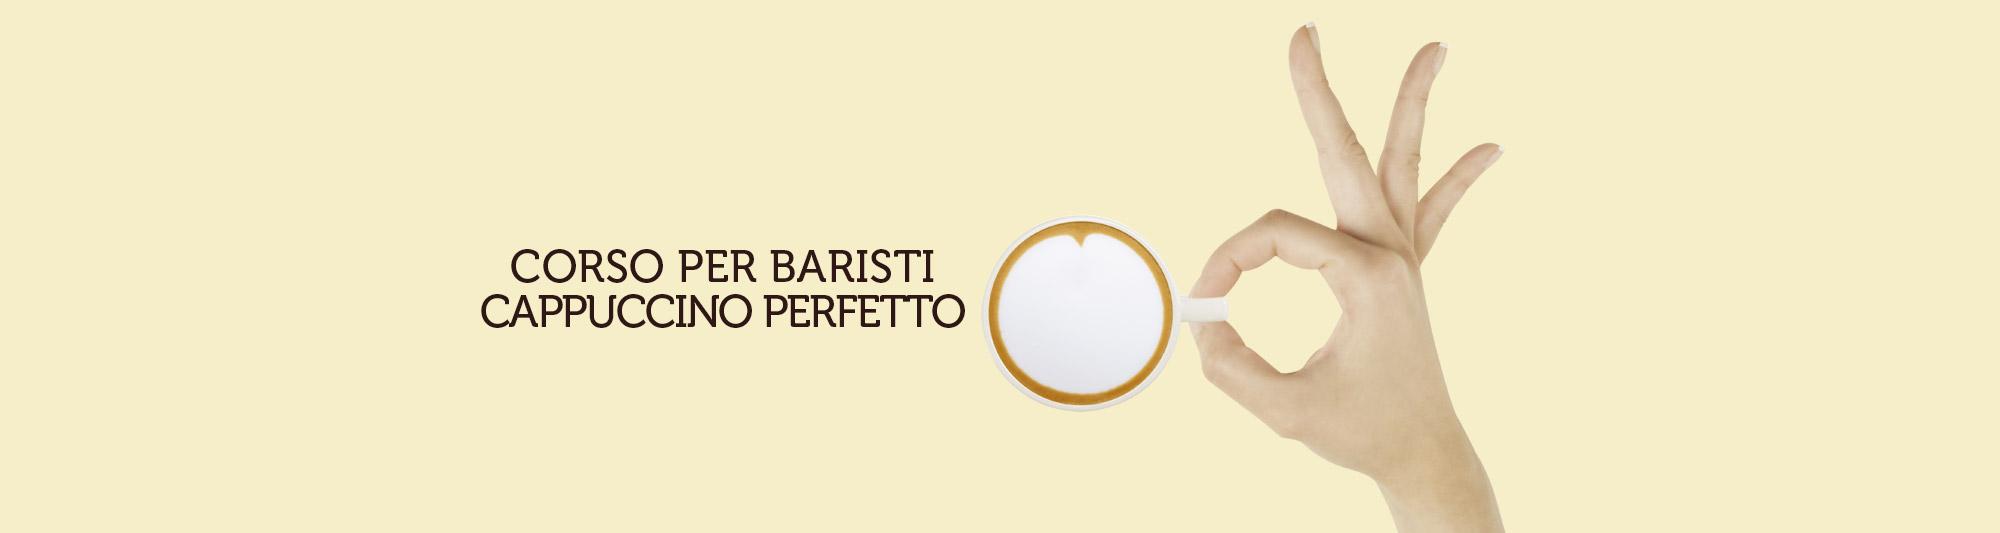 Corso Cappuccino perfetto